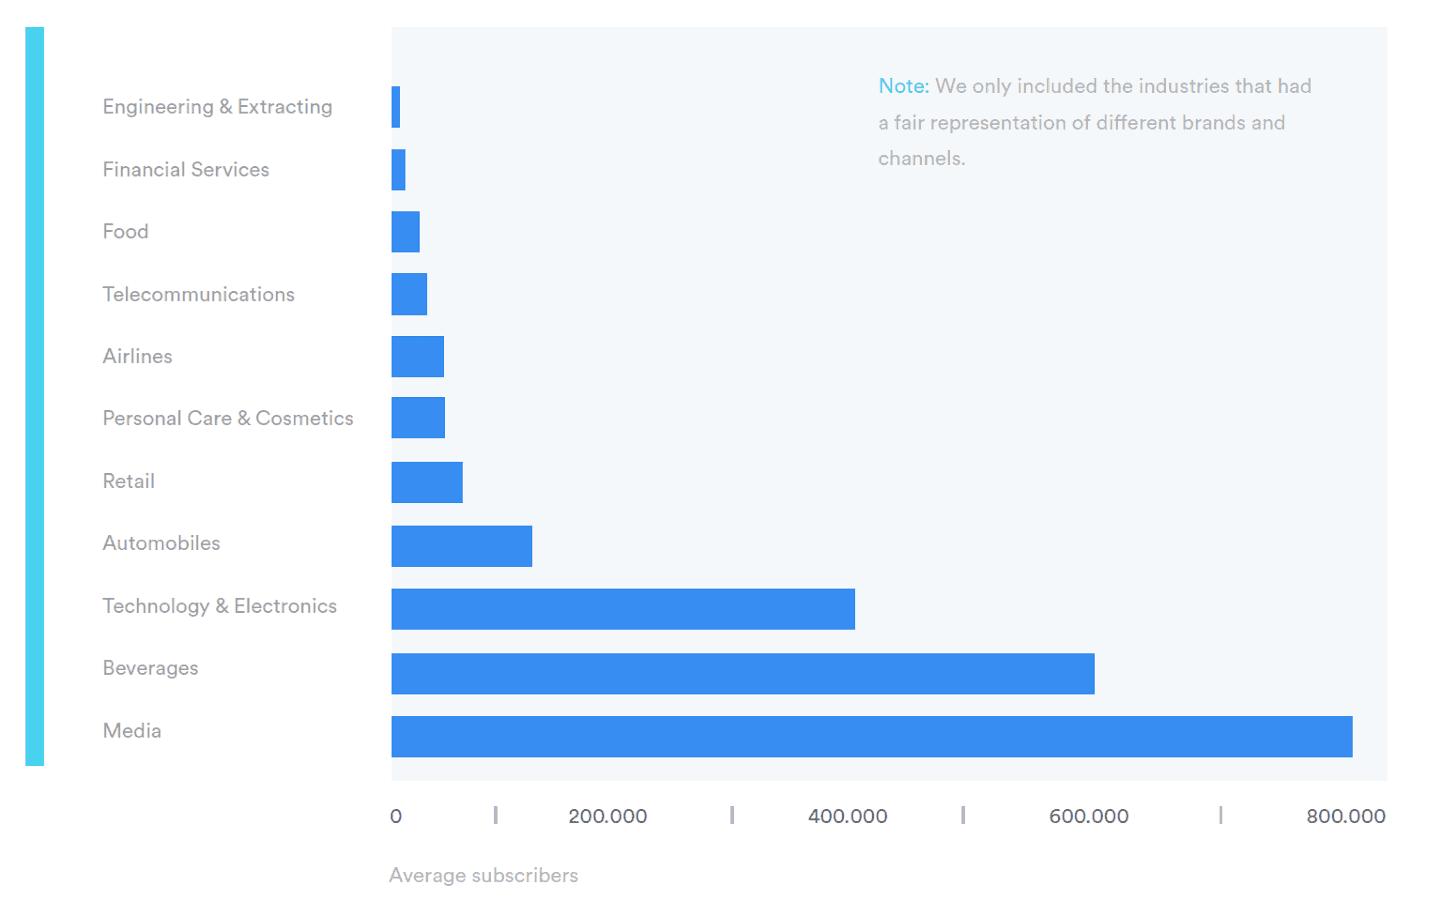 Ranking der beliebtesten Branchen gemessen an den durchschnittlichen Abonenntenzahlen, © Digimove